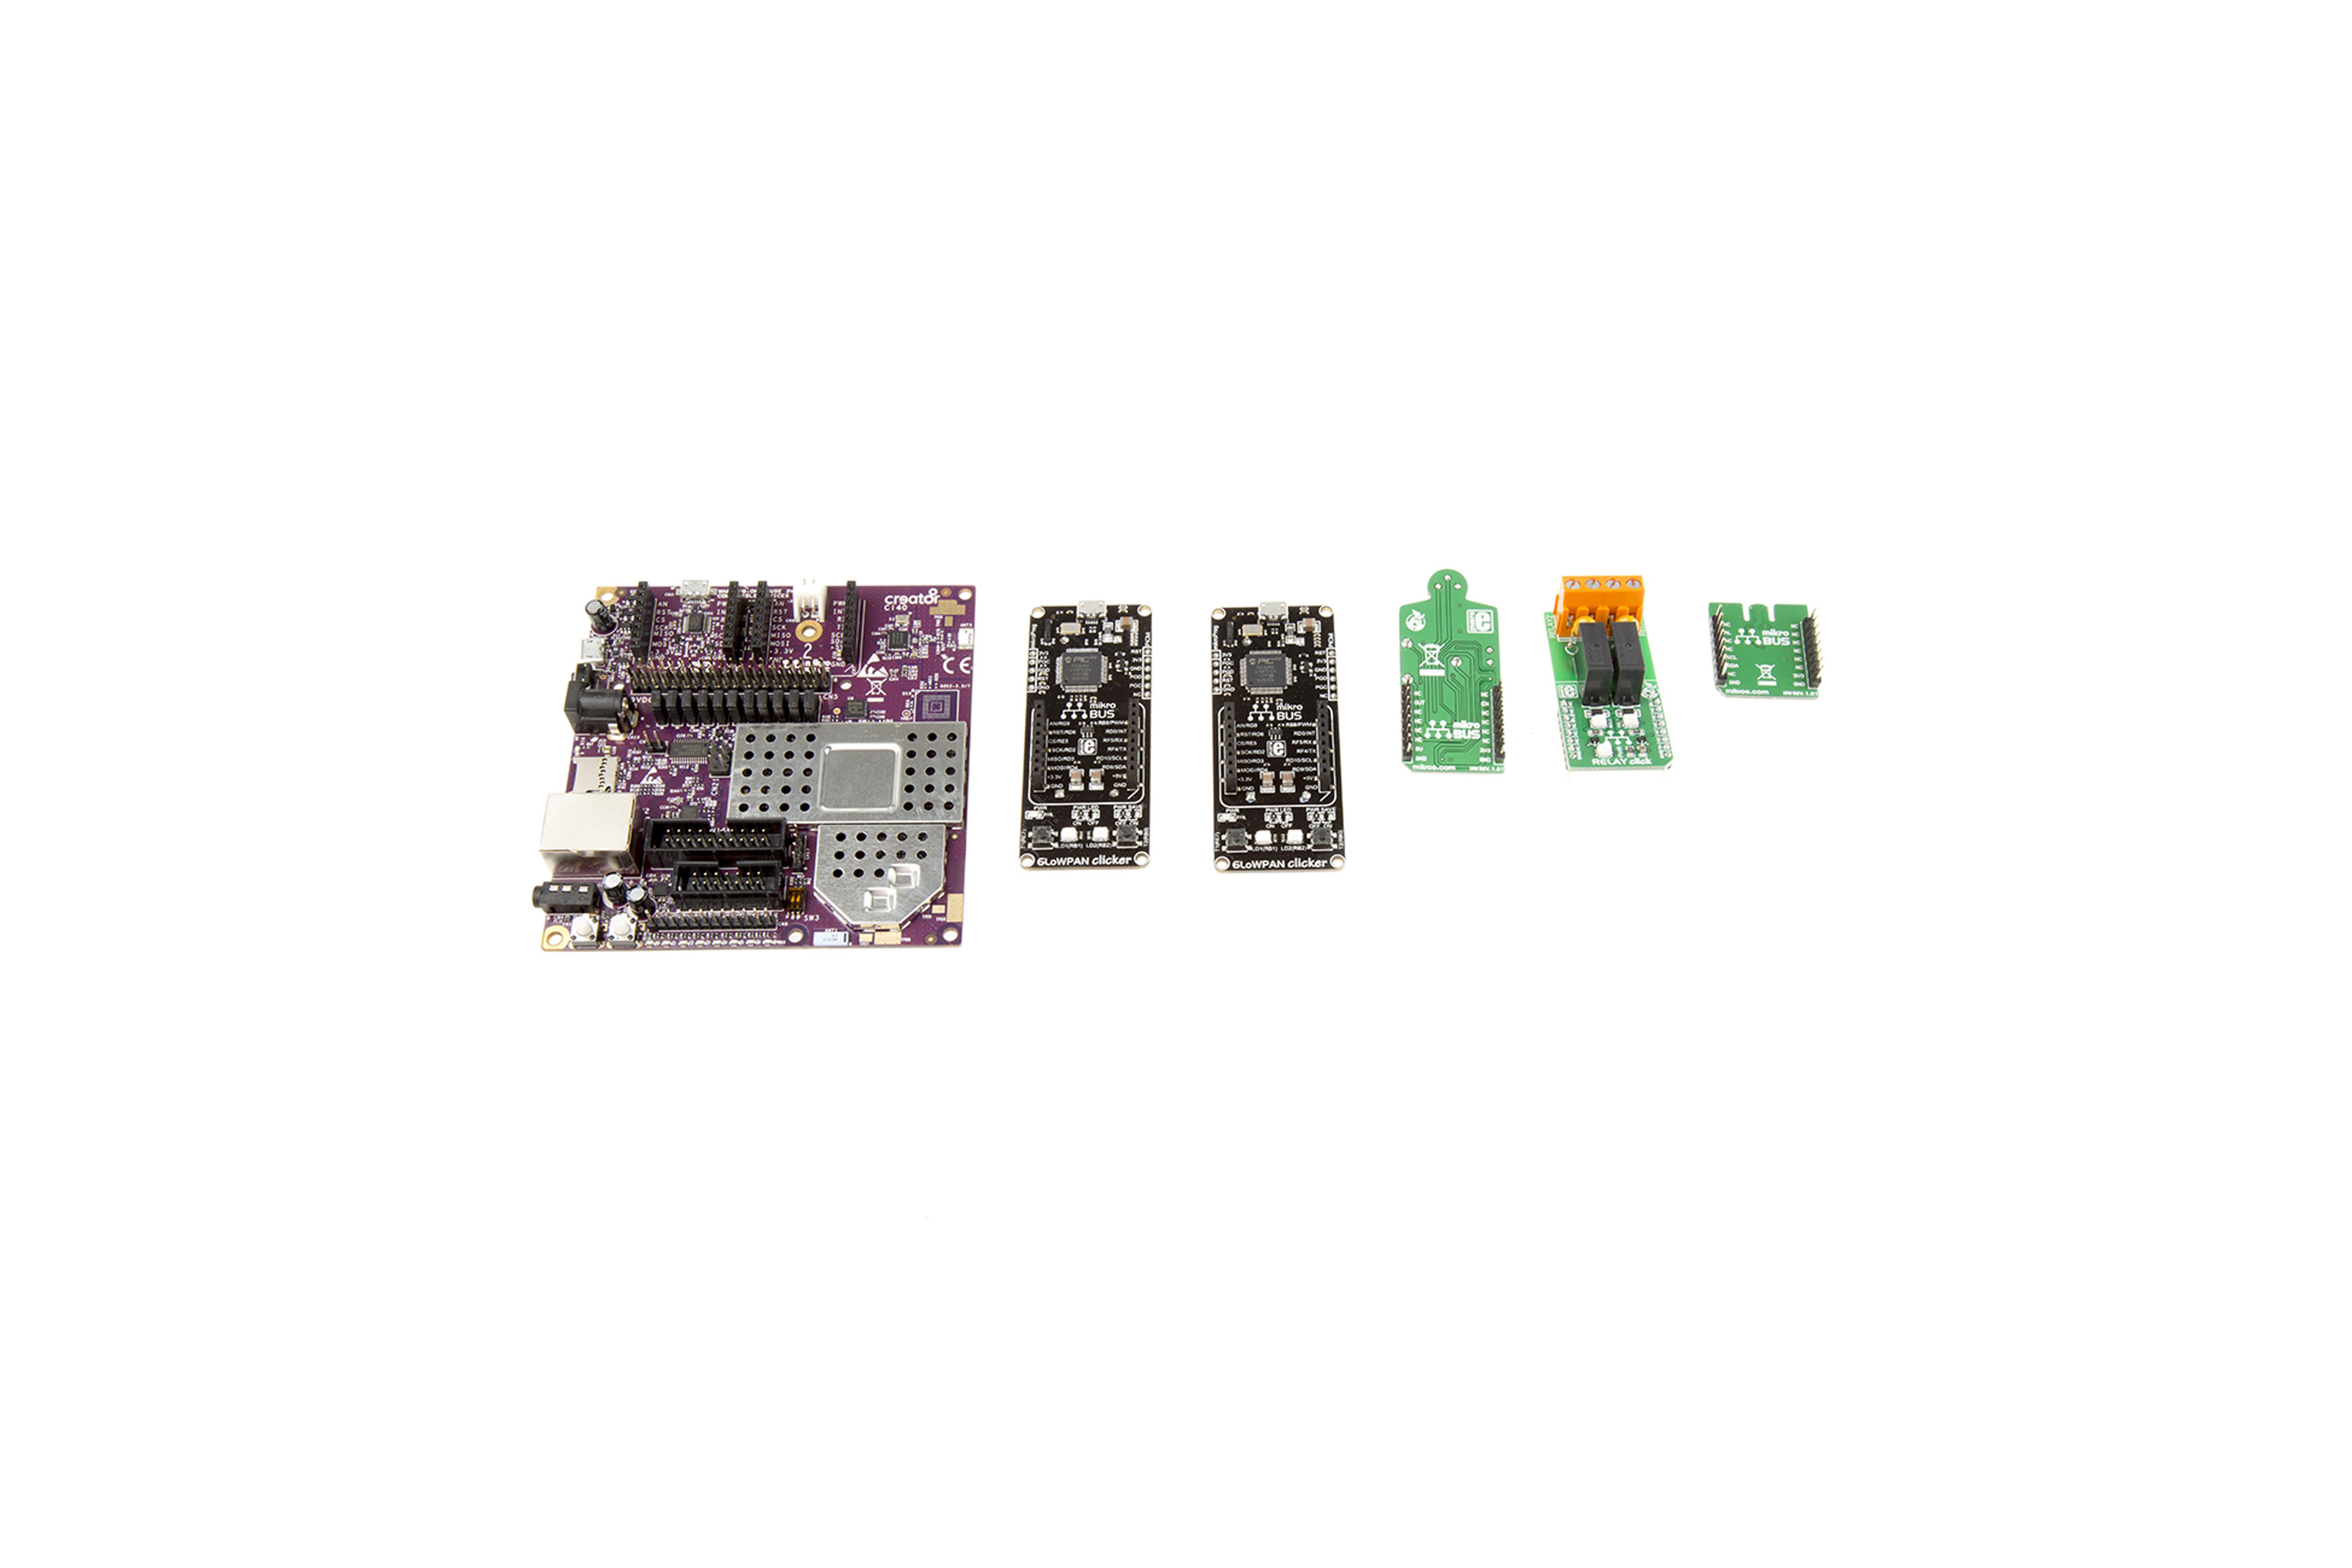 クリッカーボード付き Creator Ci40 IoTキット